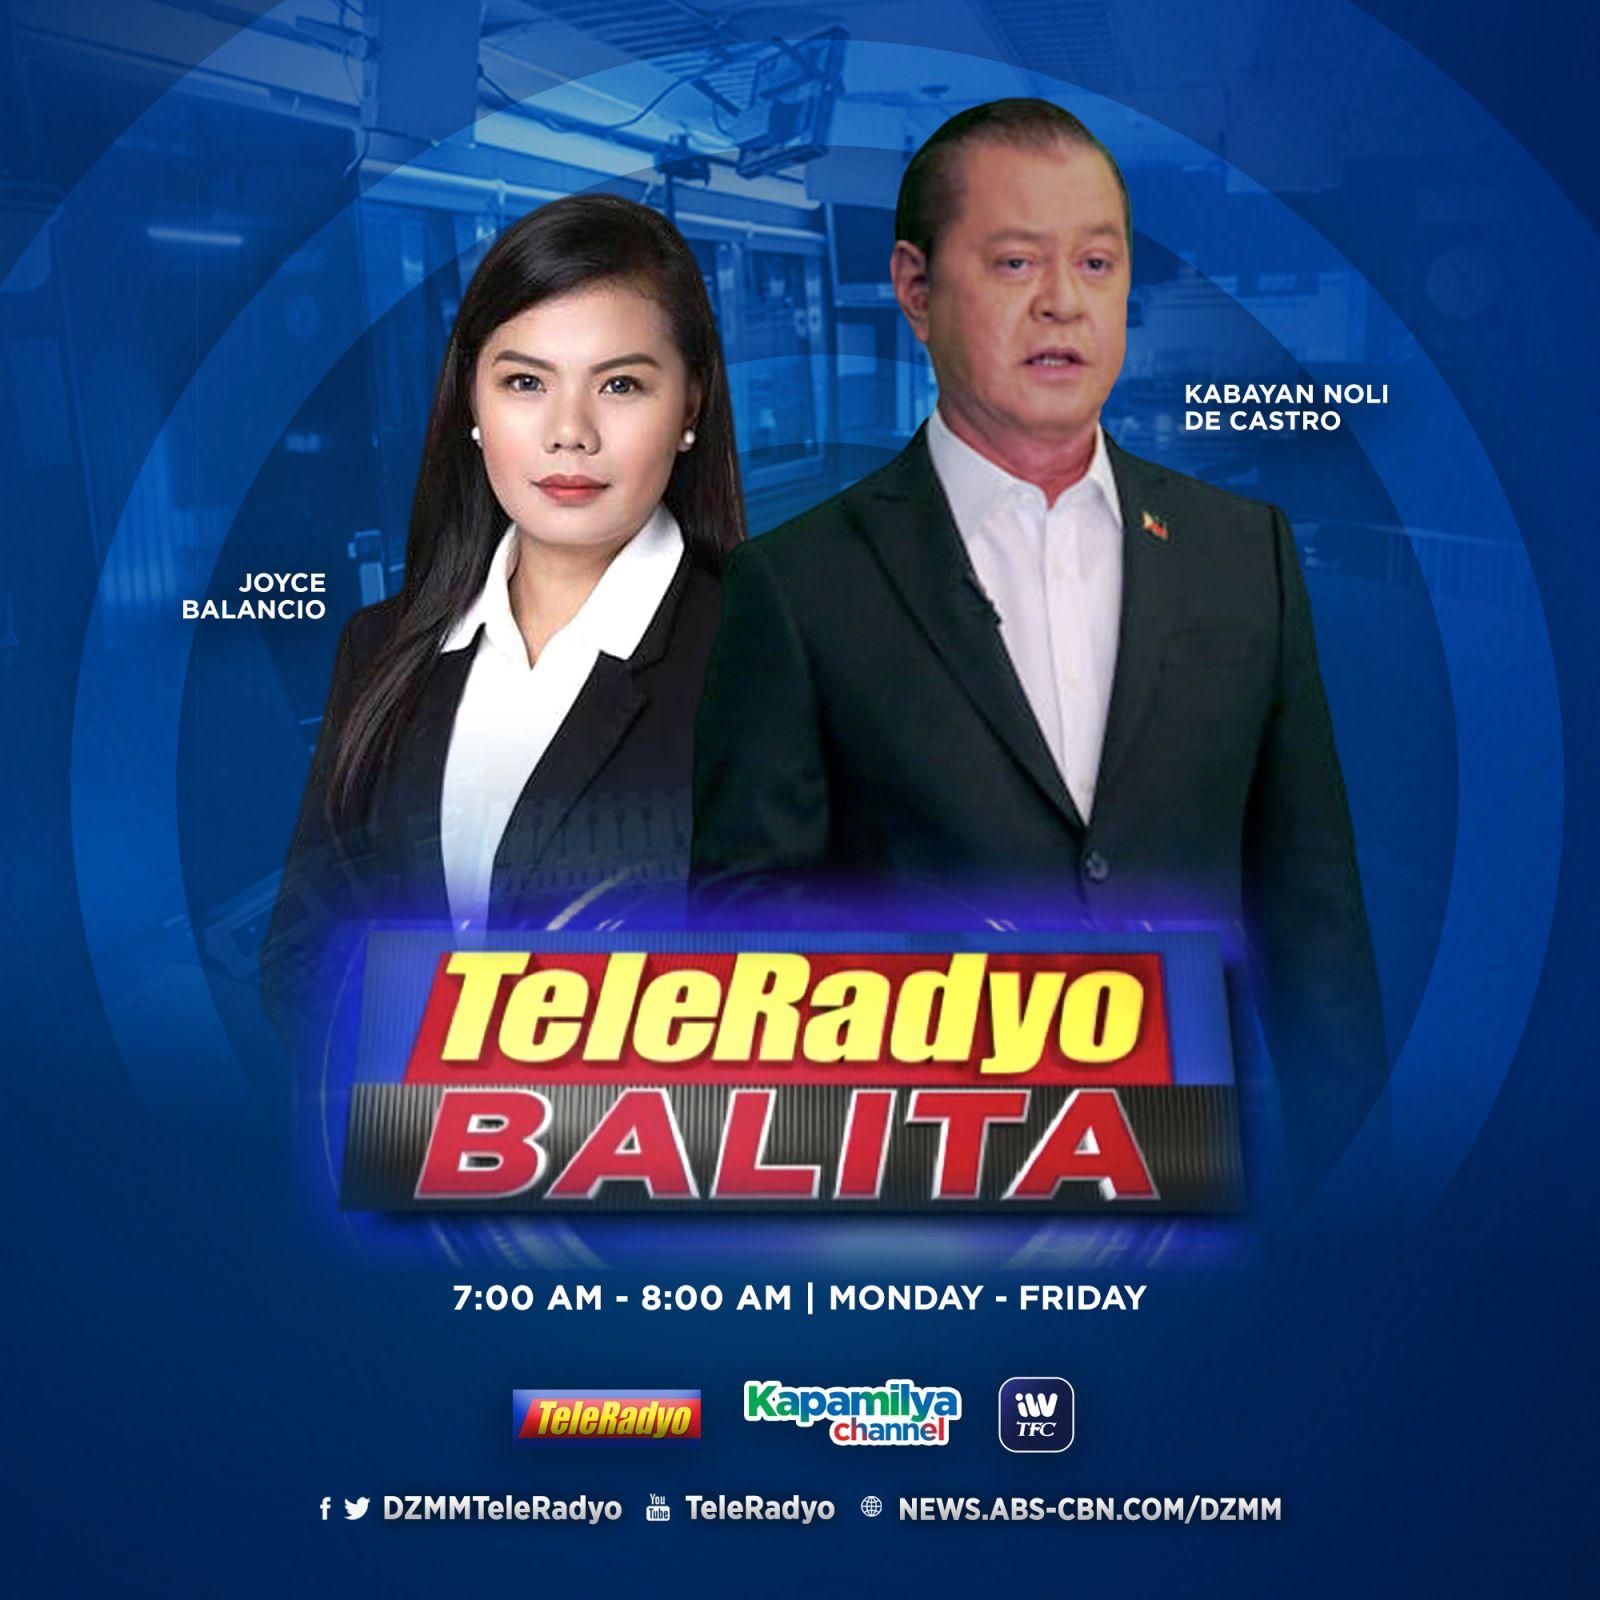 TeleRadyo Balita with Noli De Castro and Joyce Balancio